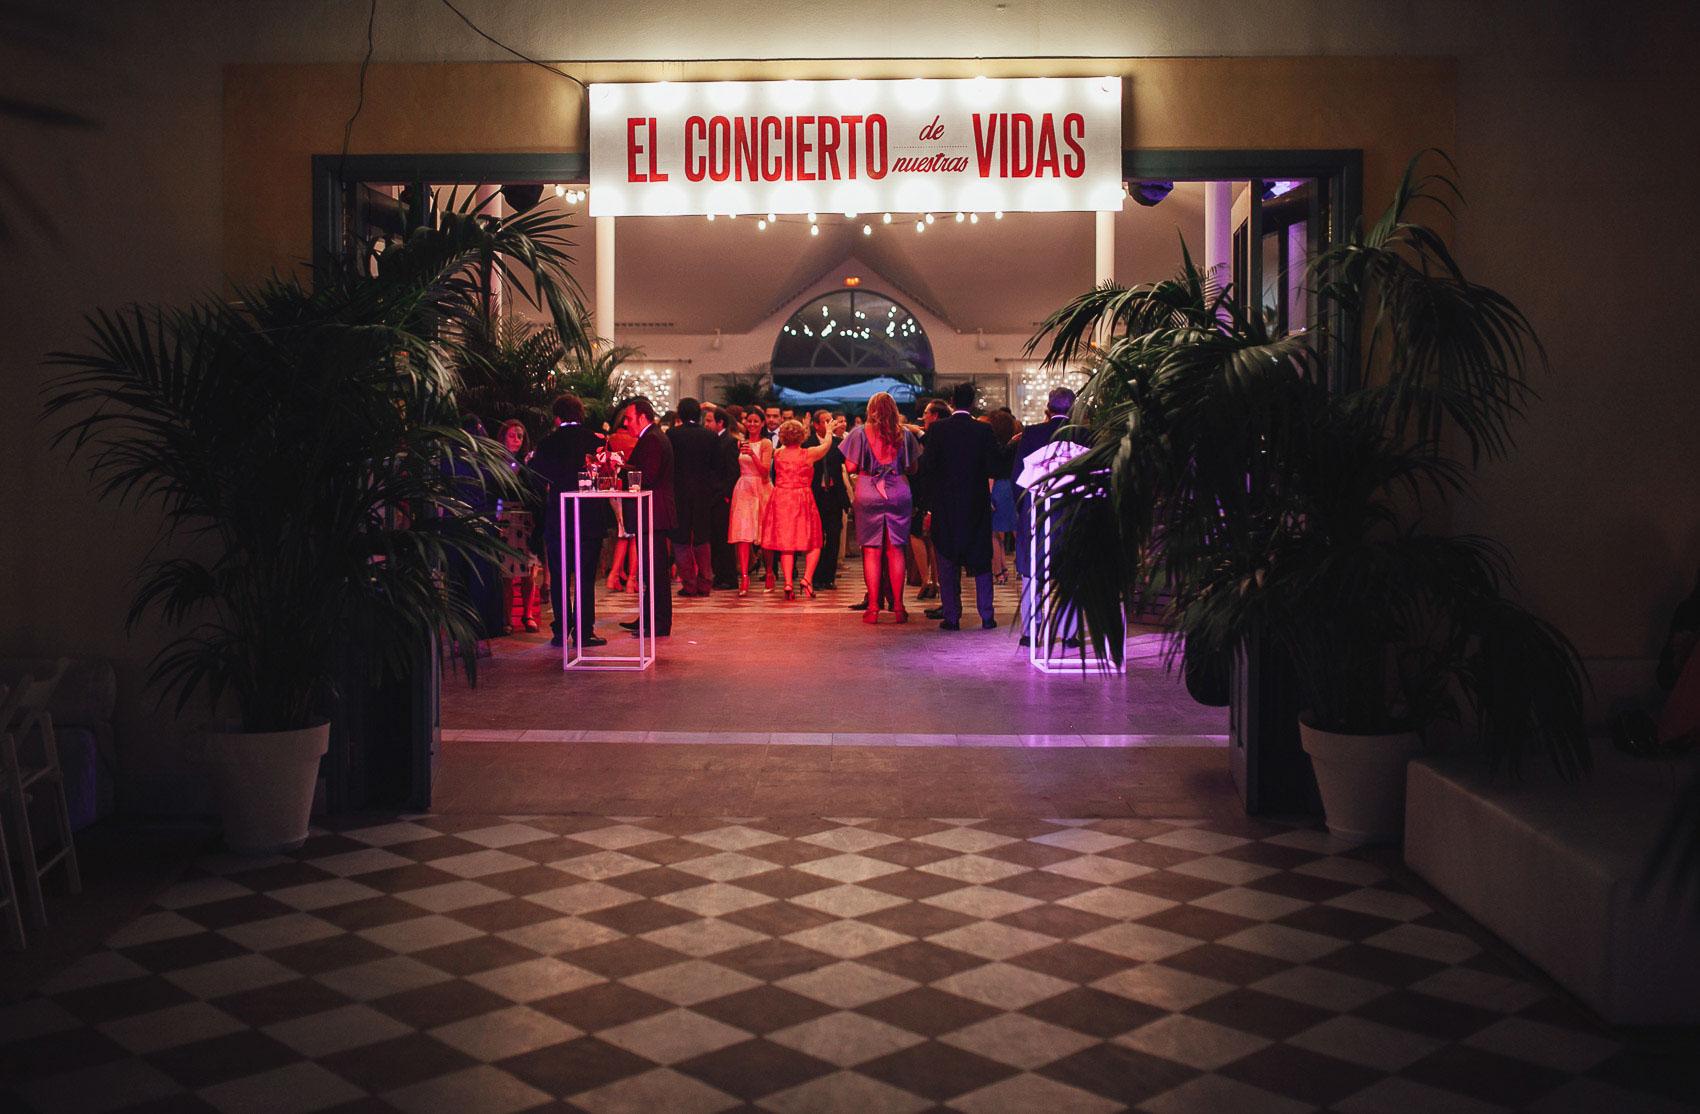 entrada restaurante luces neon concierto vidas palmeras